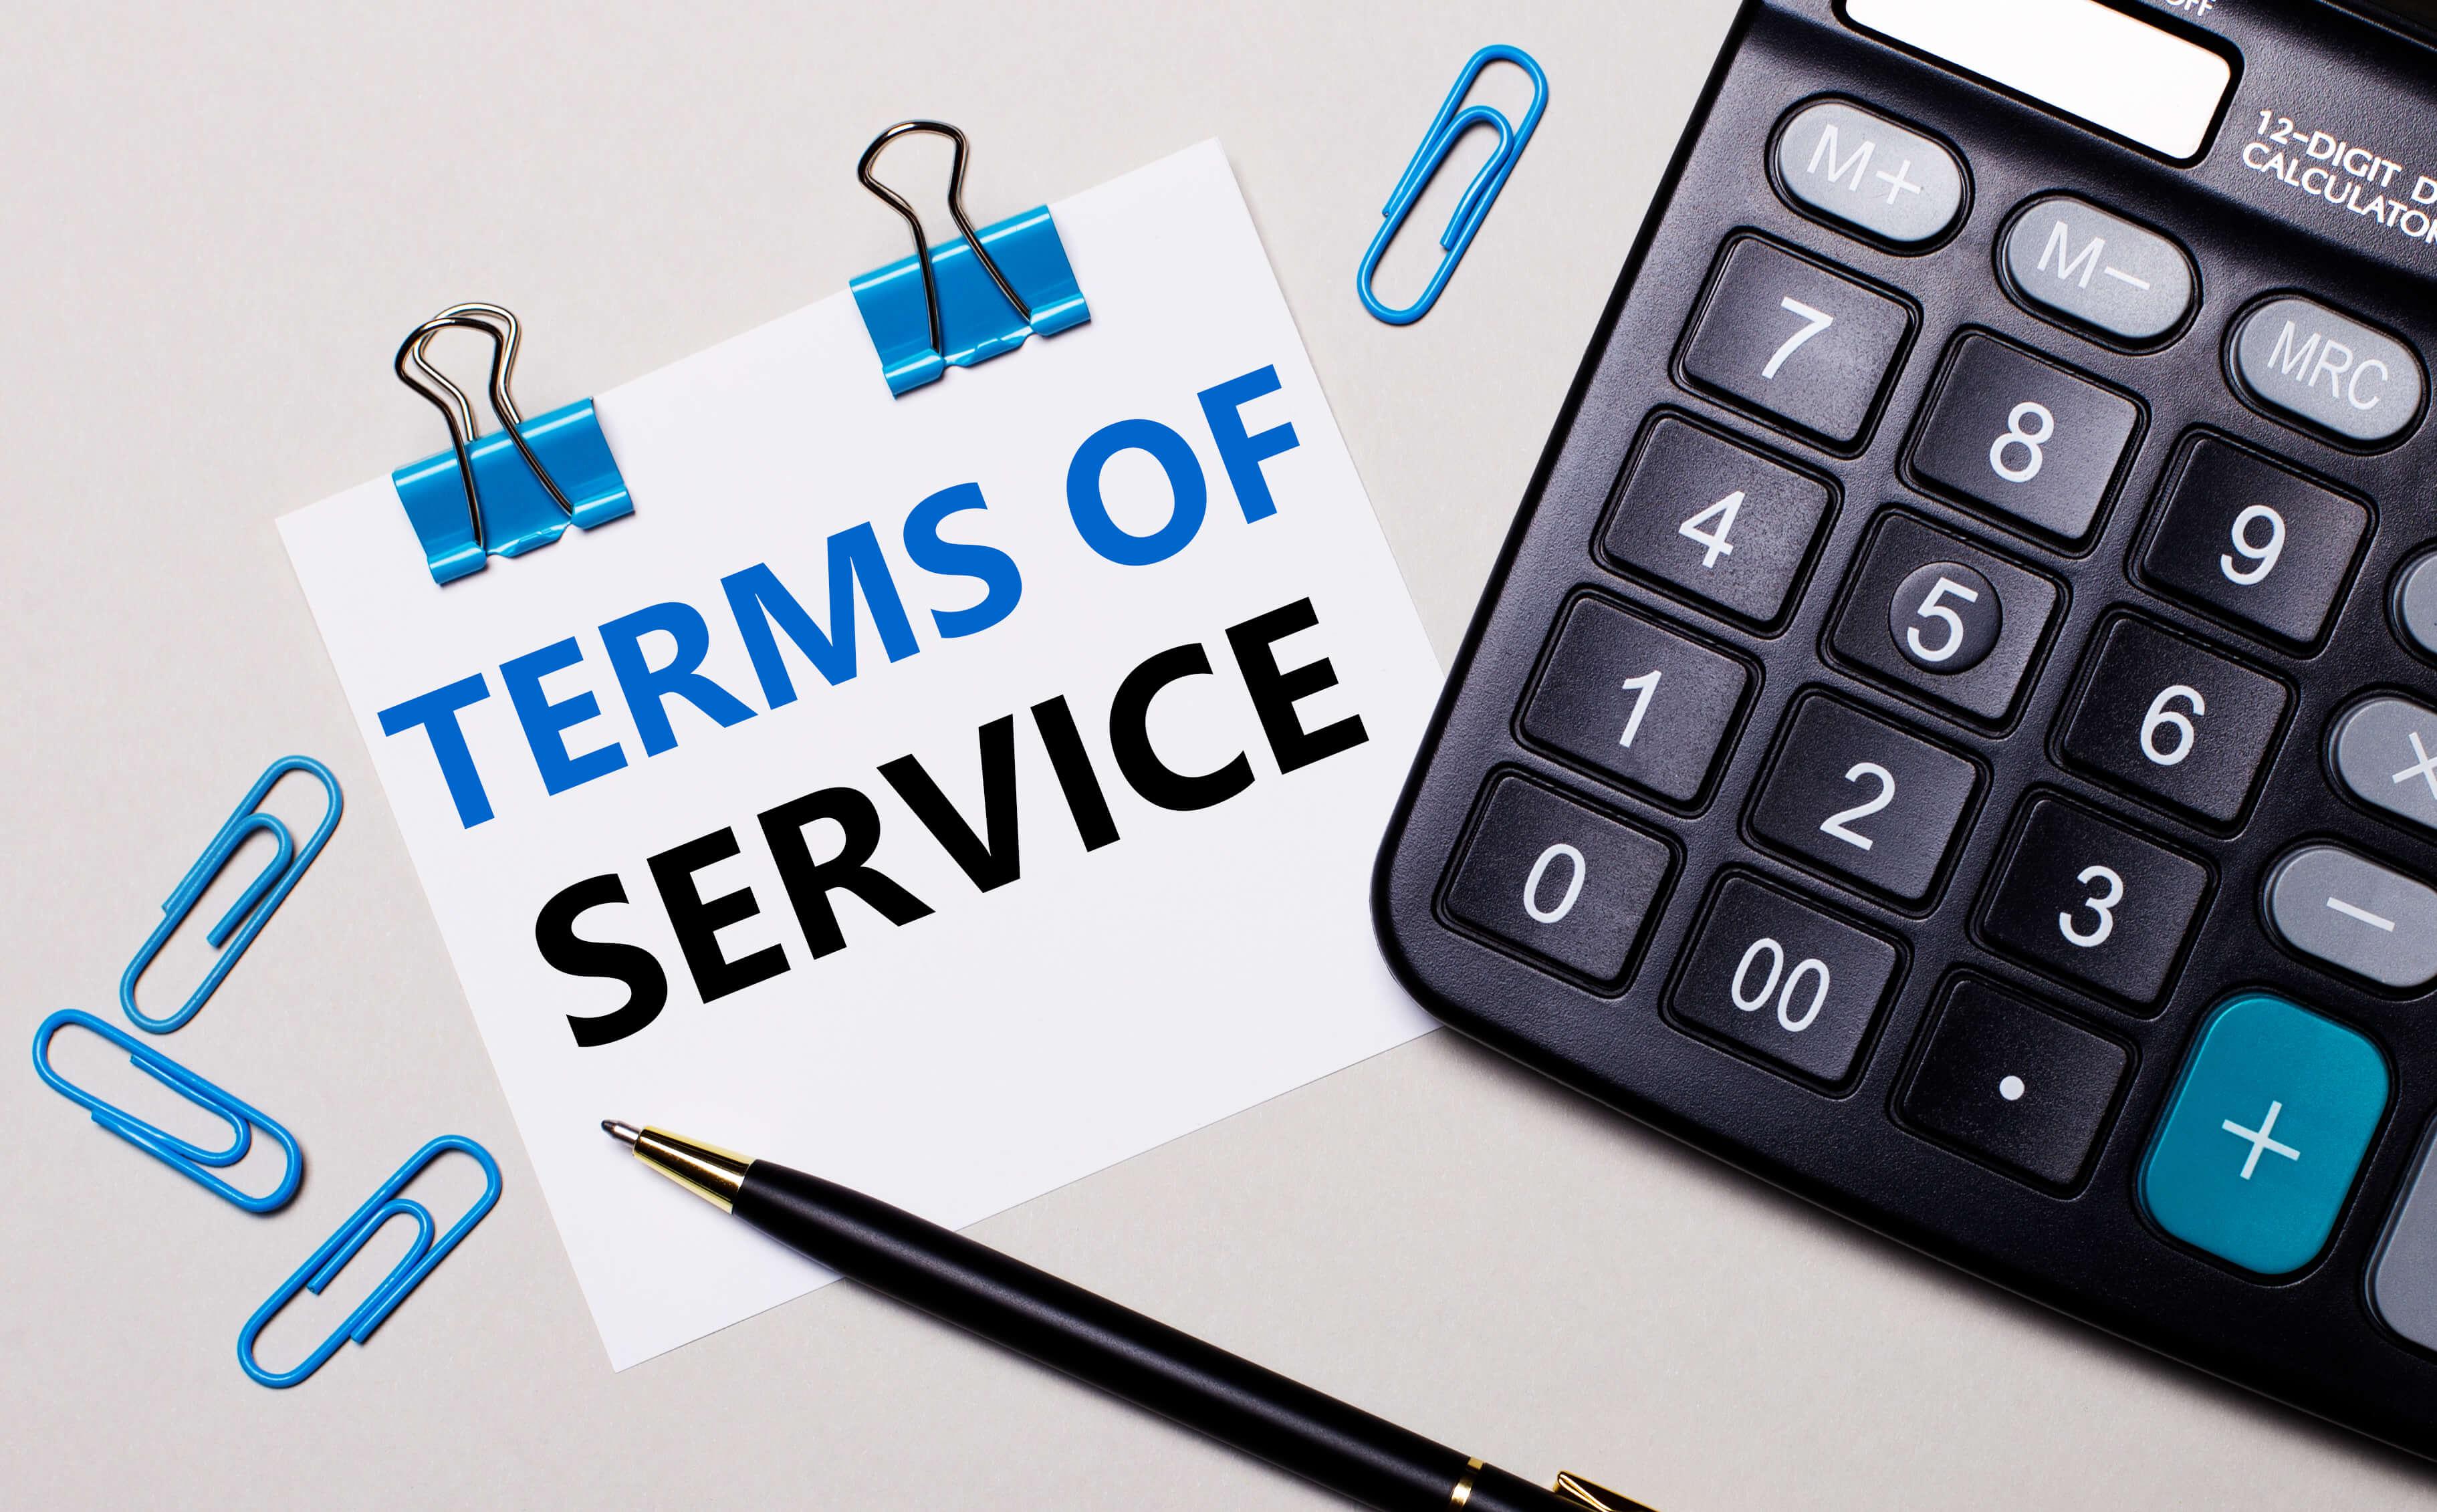 كيف تطور سياسة خدمة العملاء لديك